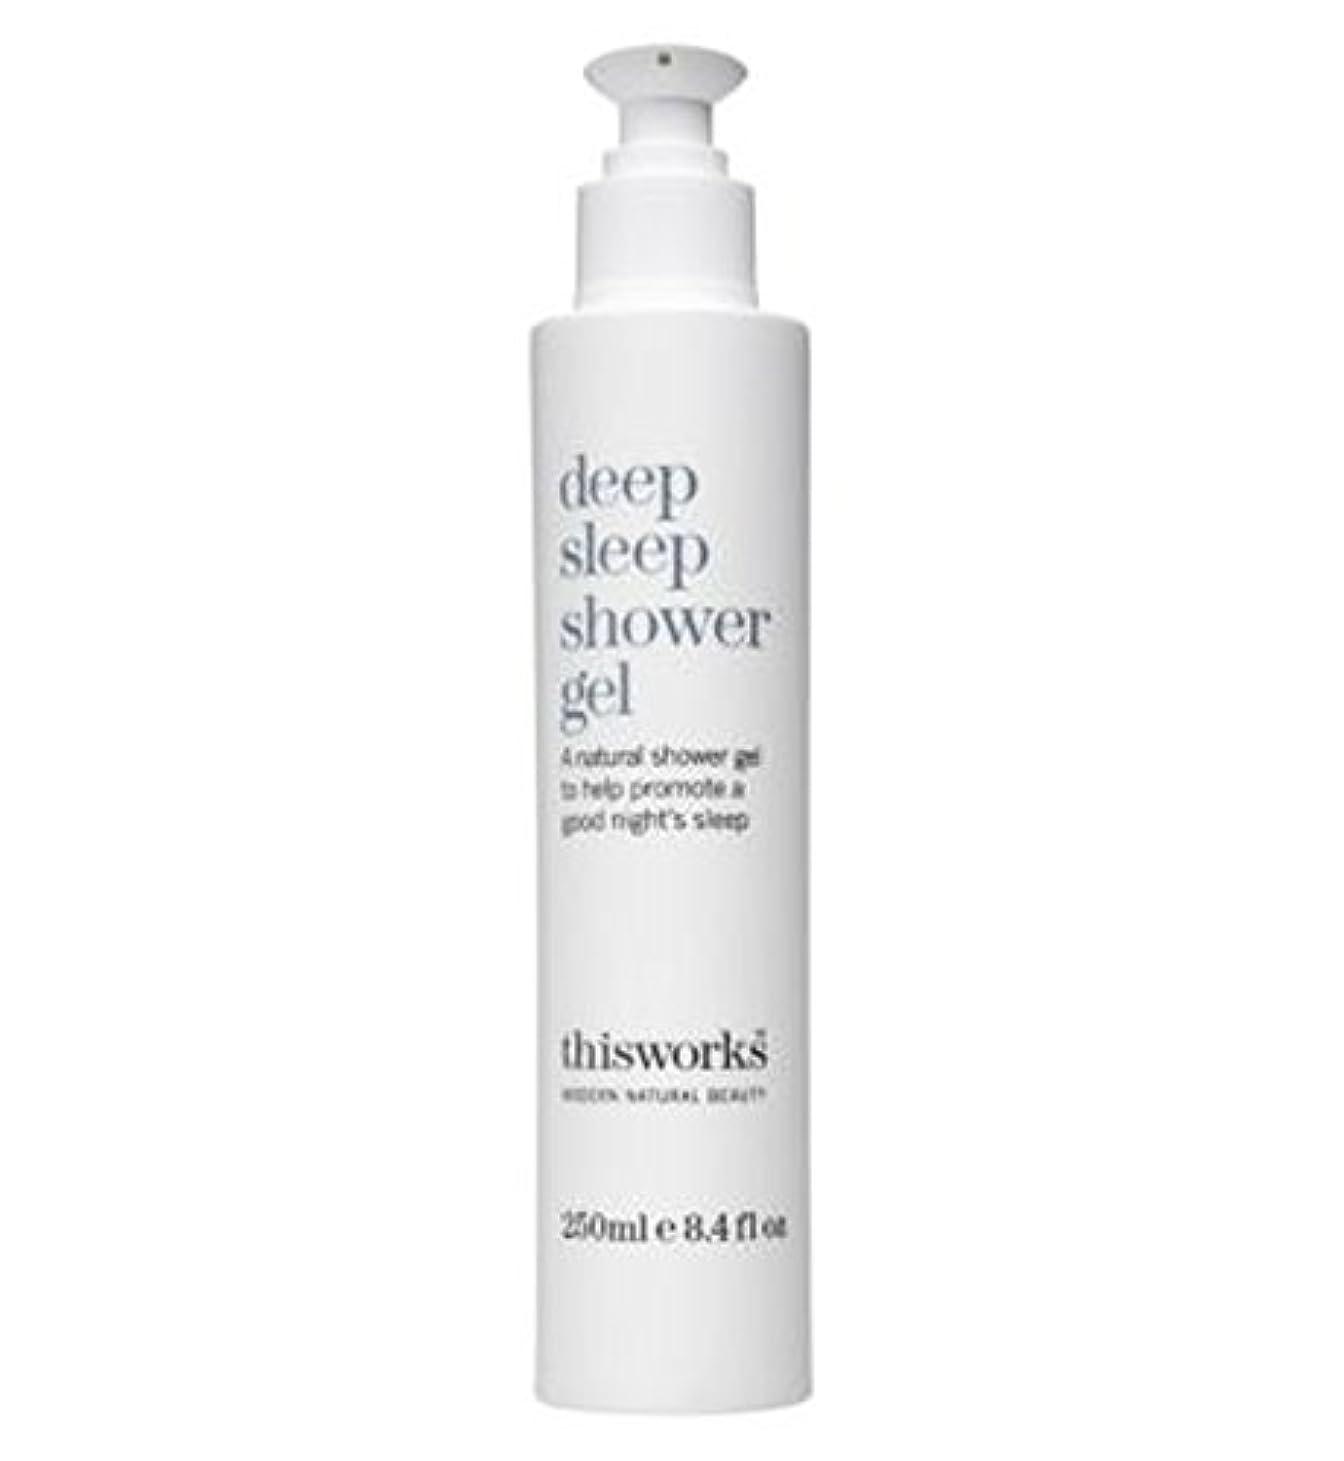 急性スコットランド人些細これは、深い眠りシャワージェル250ミリリットルの作品 (This Works) (x2) - this works deep sleep shower gel 250ml (Pack of 2) [並行輸入品]